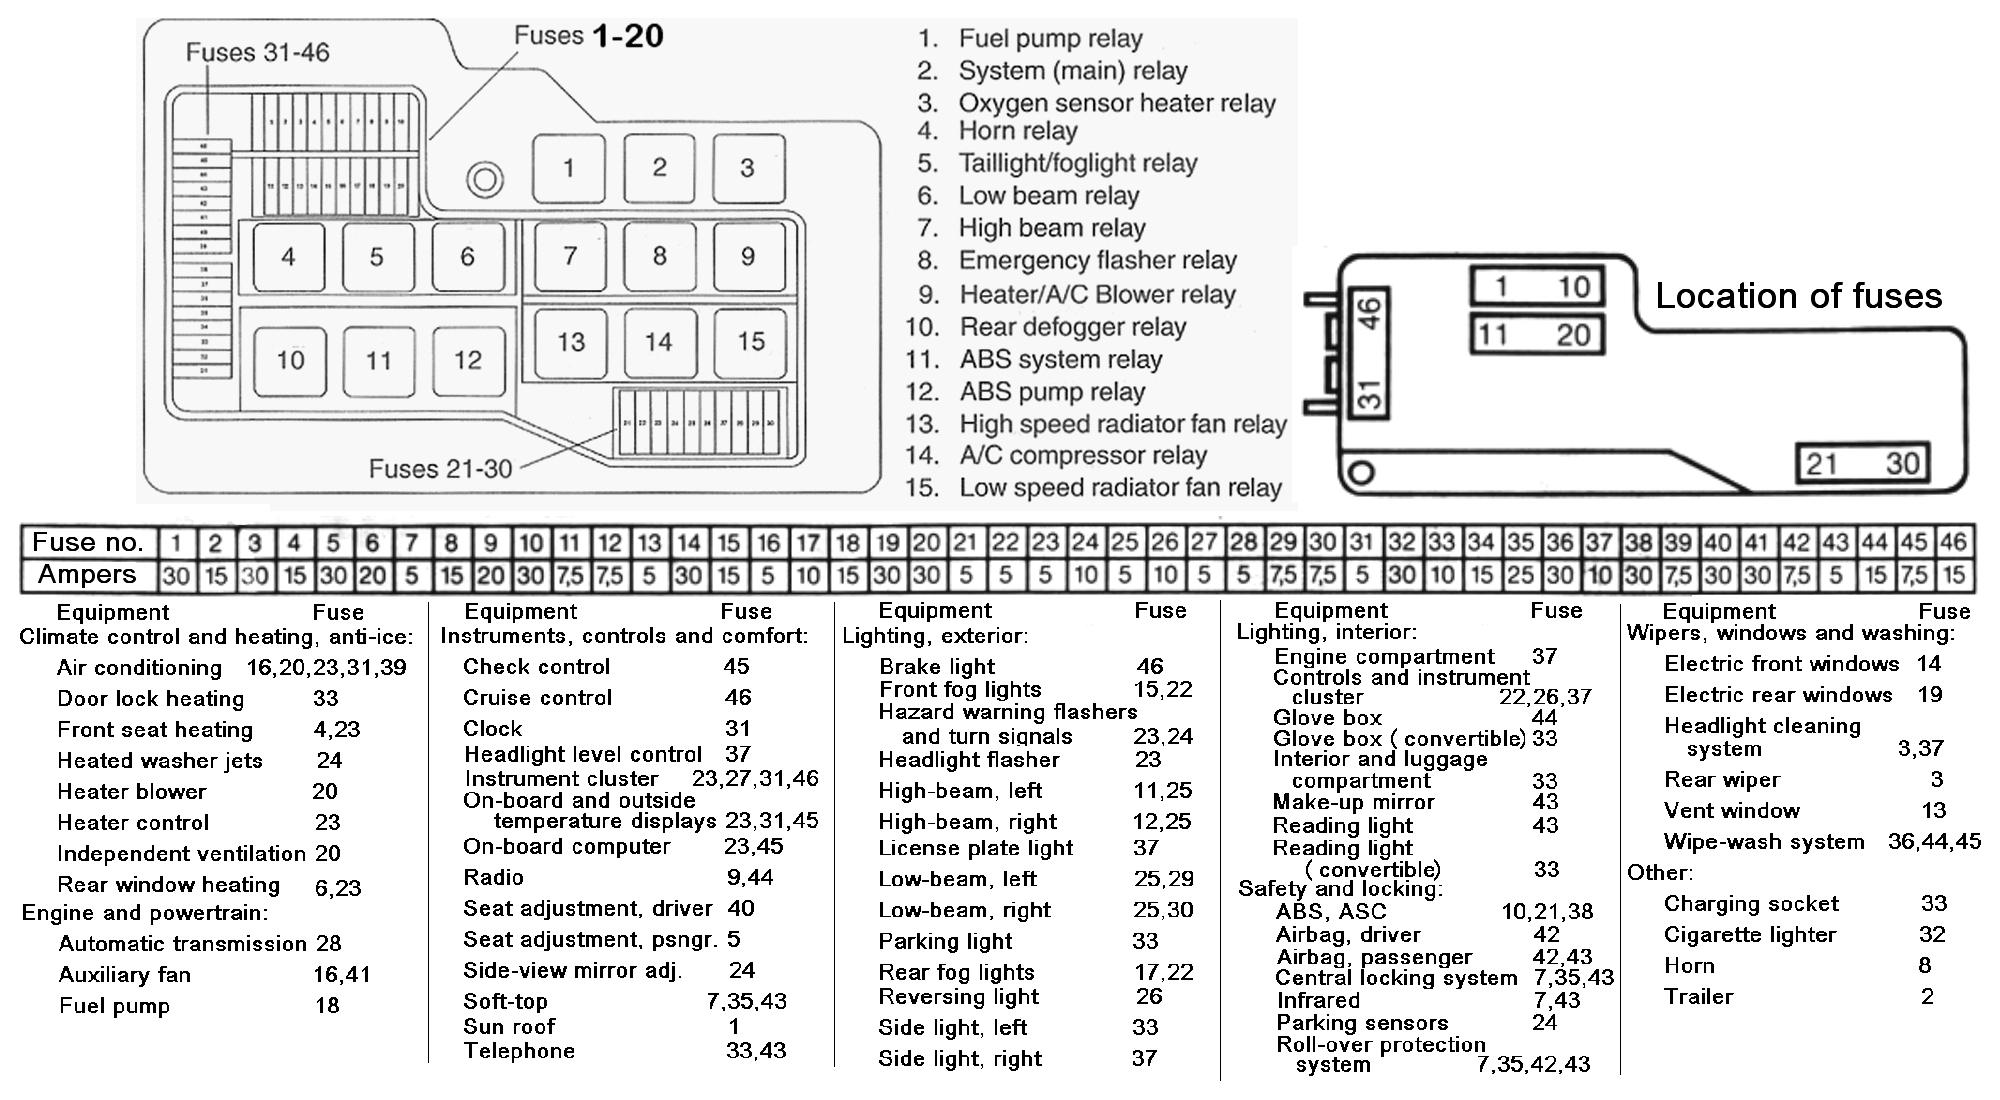 BMW 325I Fuse Box Diagram